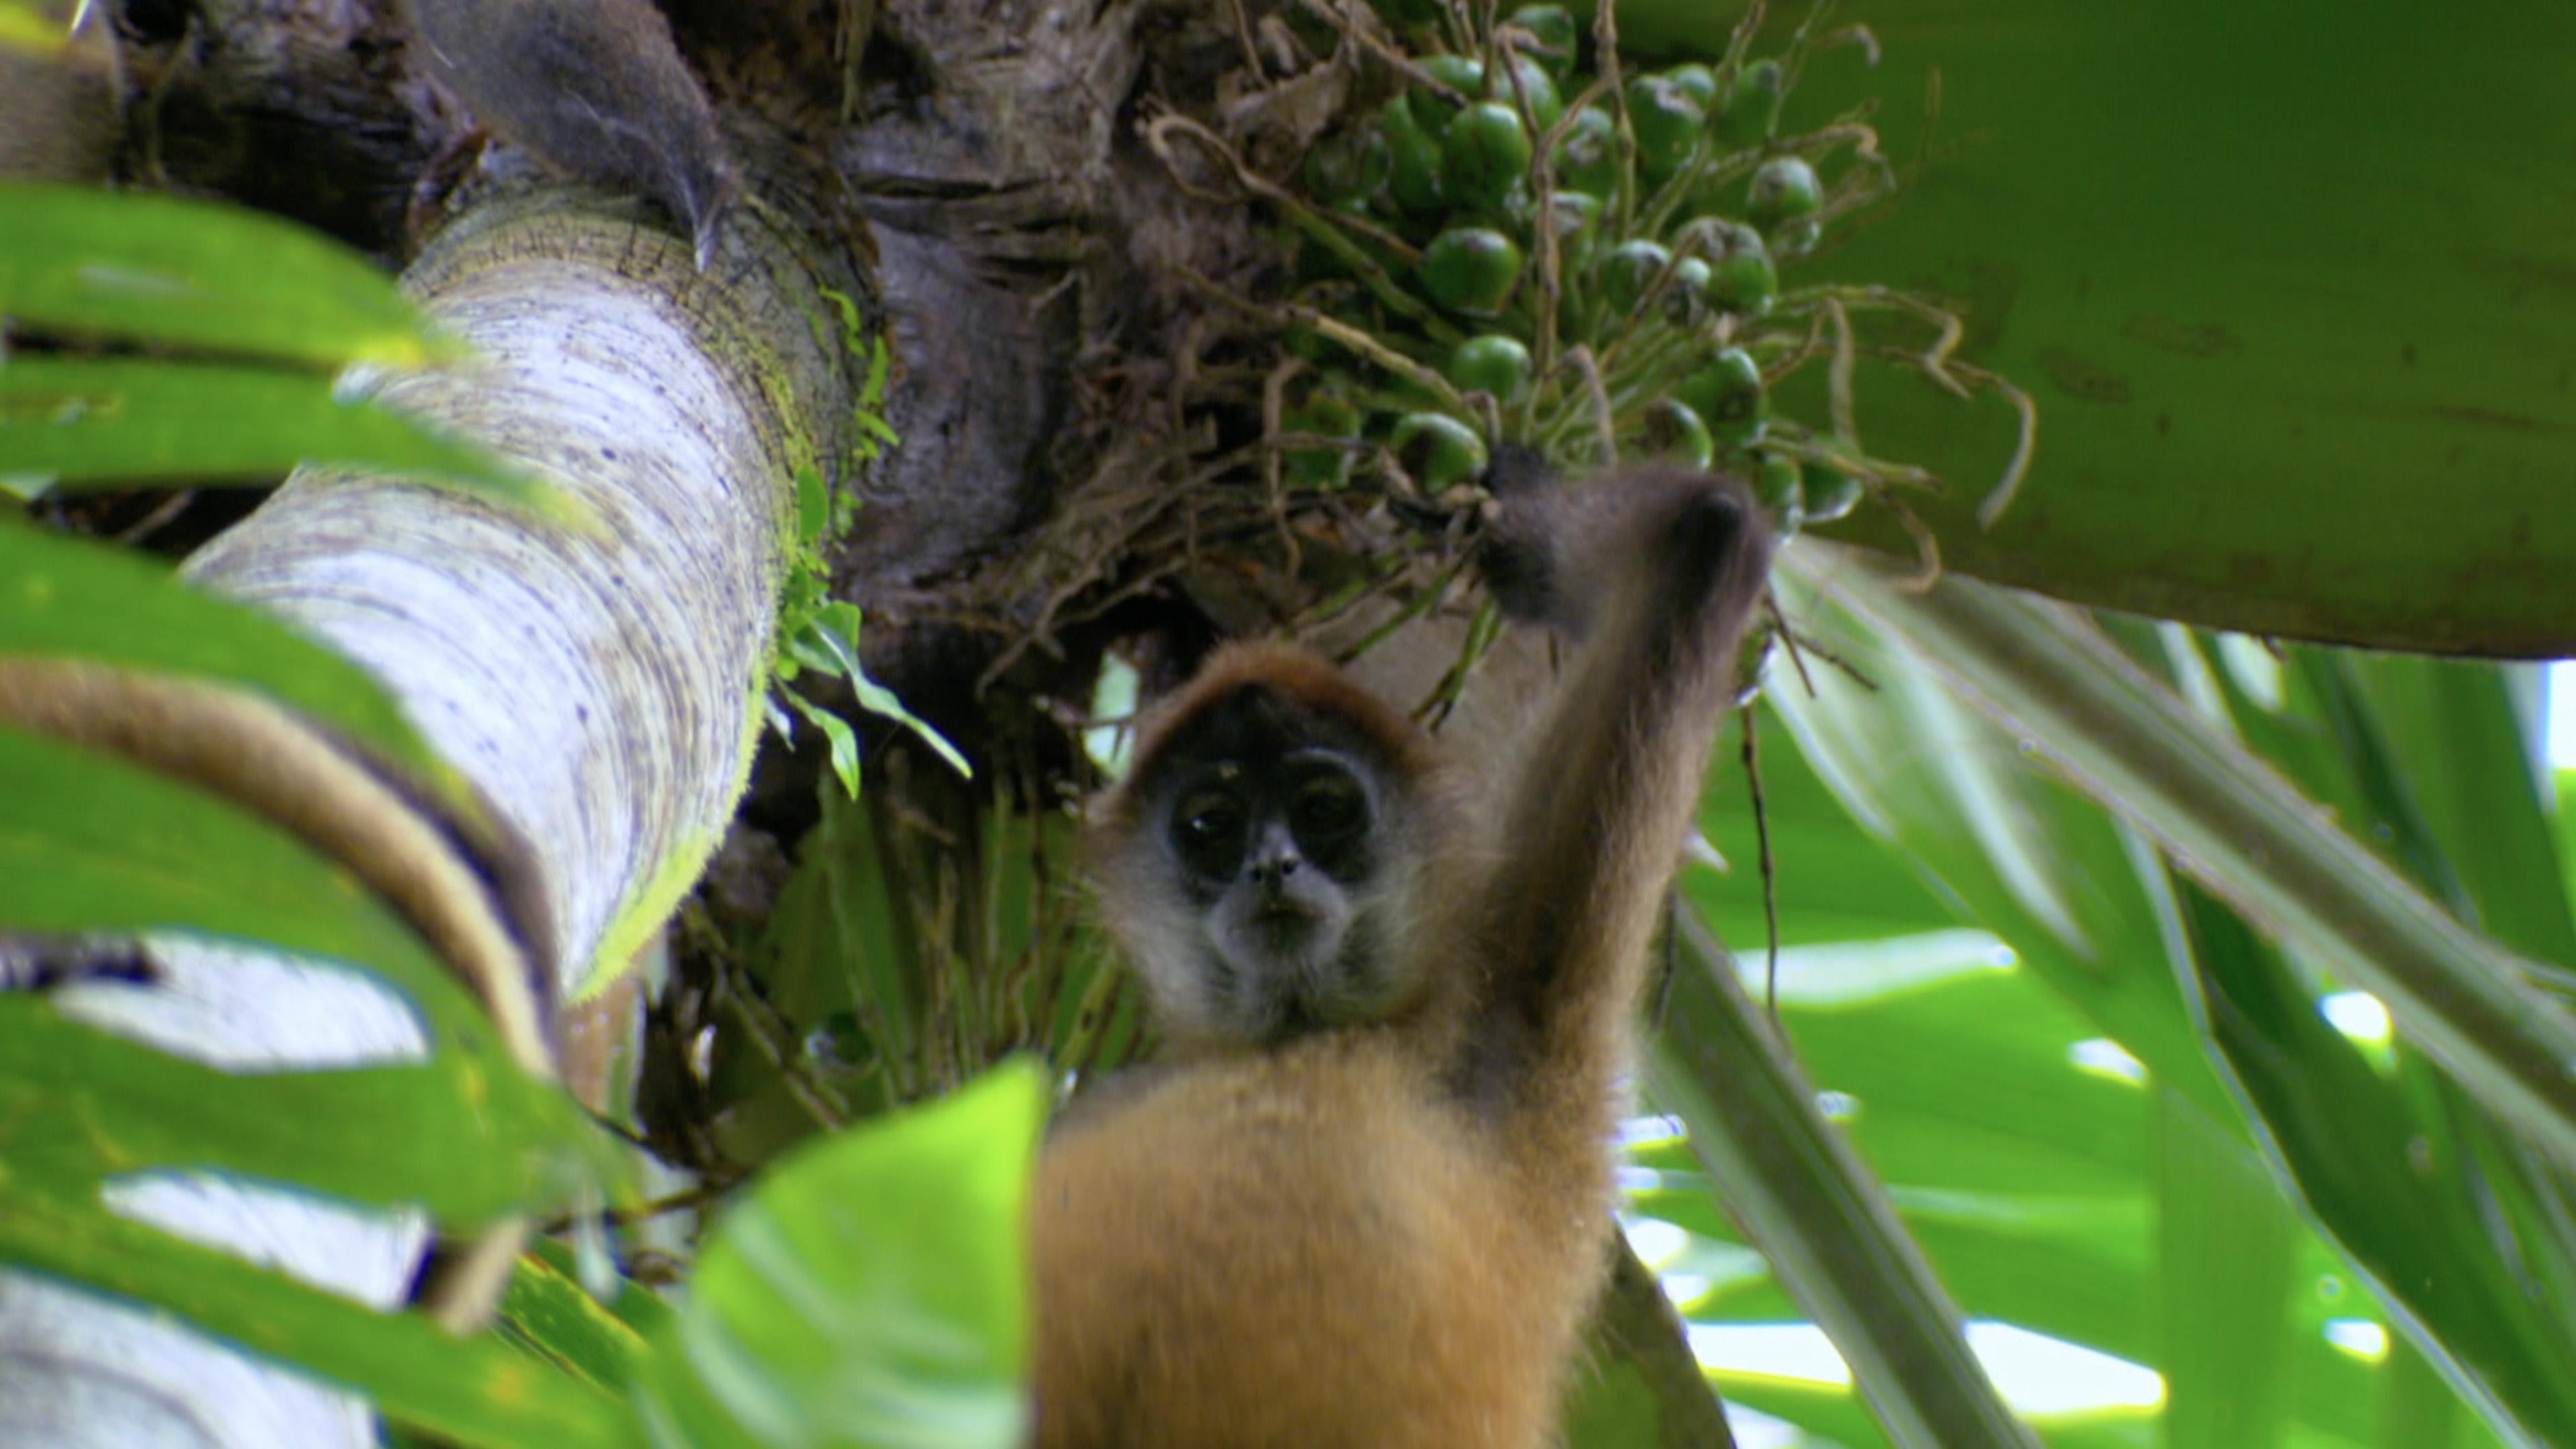 Red-Backed Squirrel Monkey (Saimiri oerstedii)